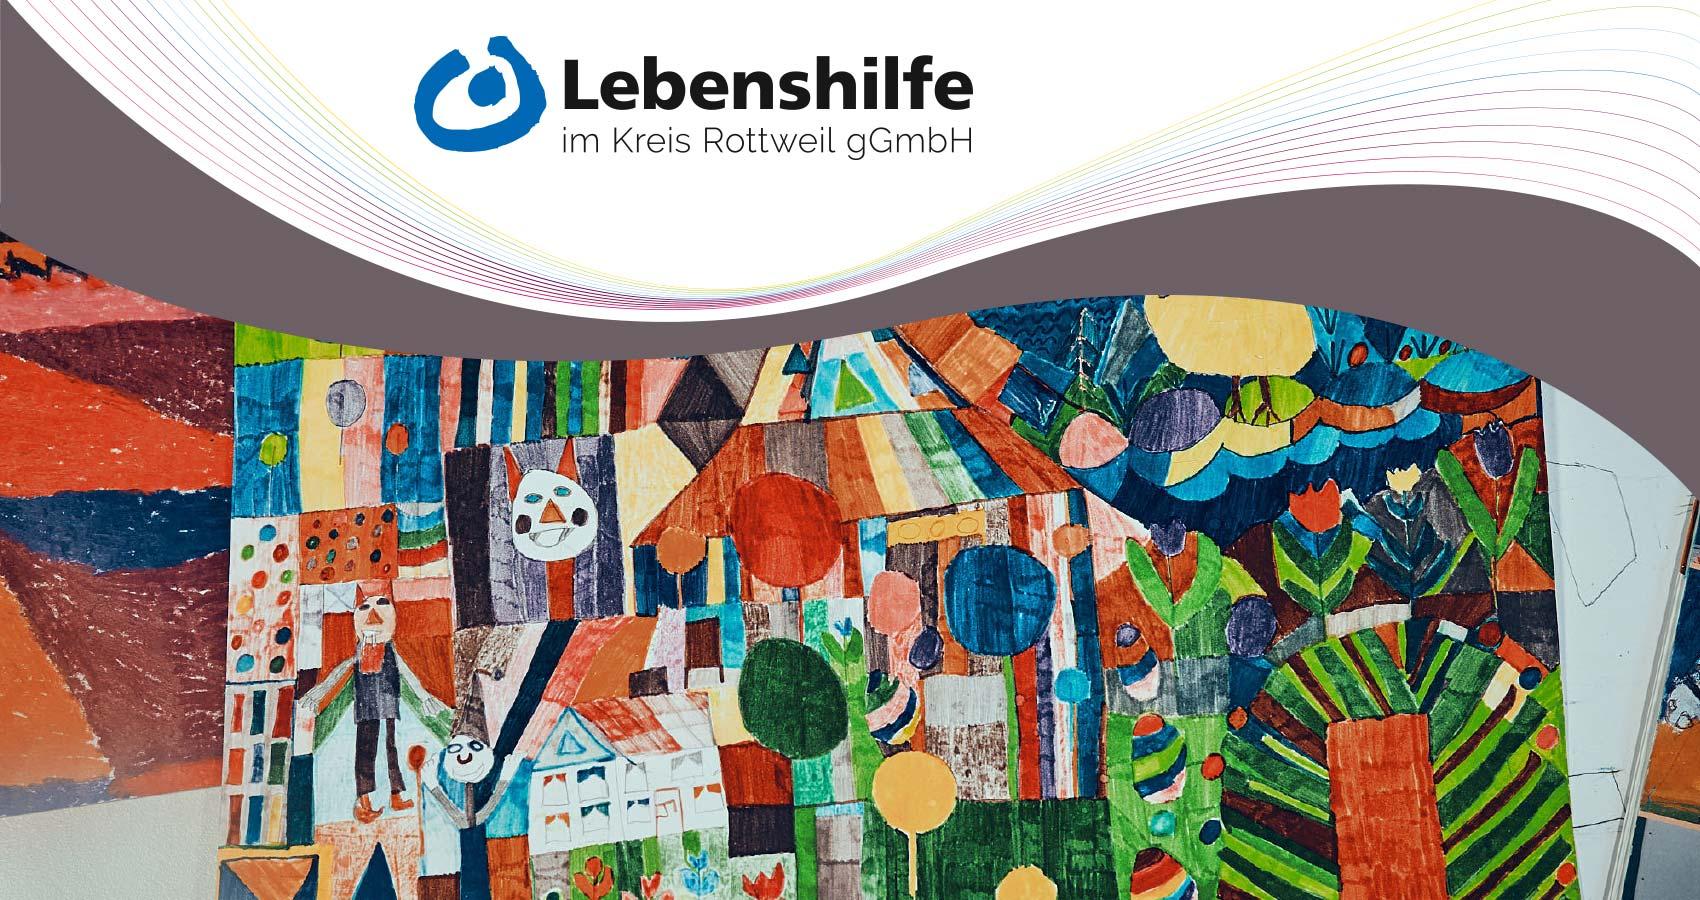 Lebenshilfe im Kreis Rottweil gGmbH - Über uns - Downloads